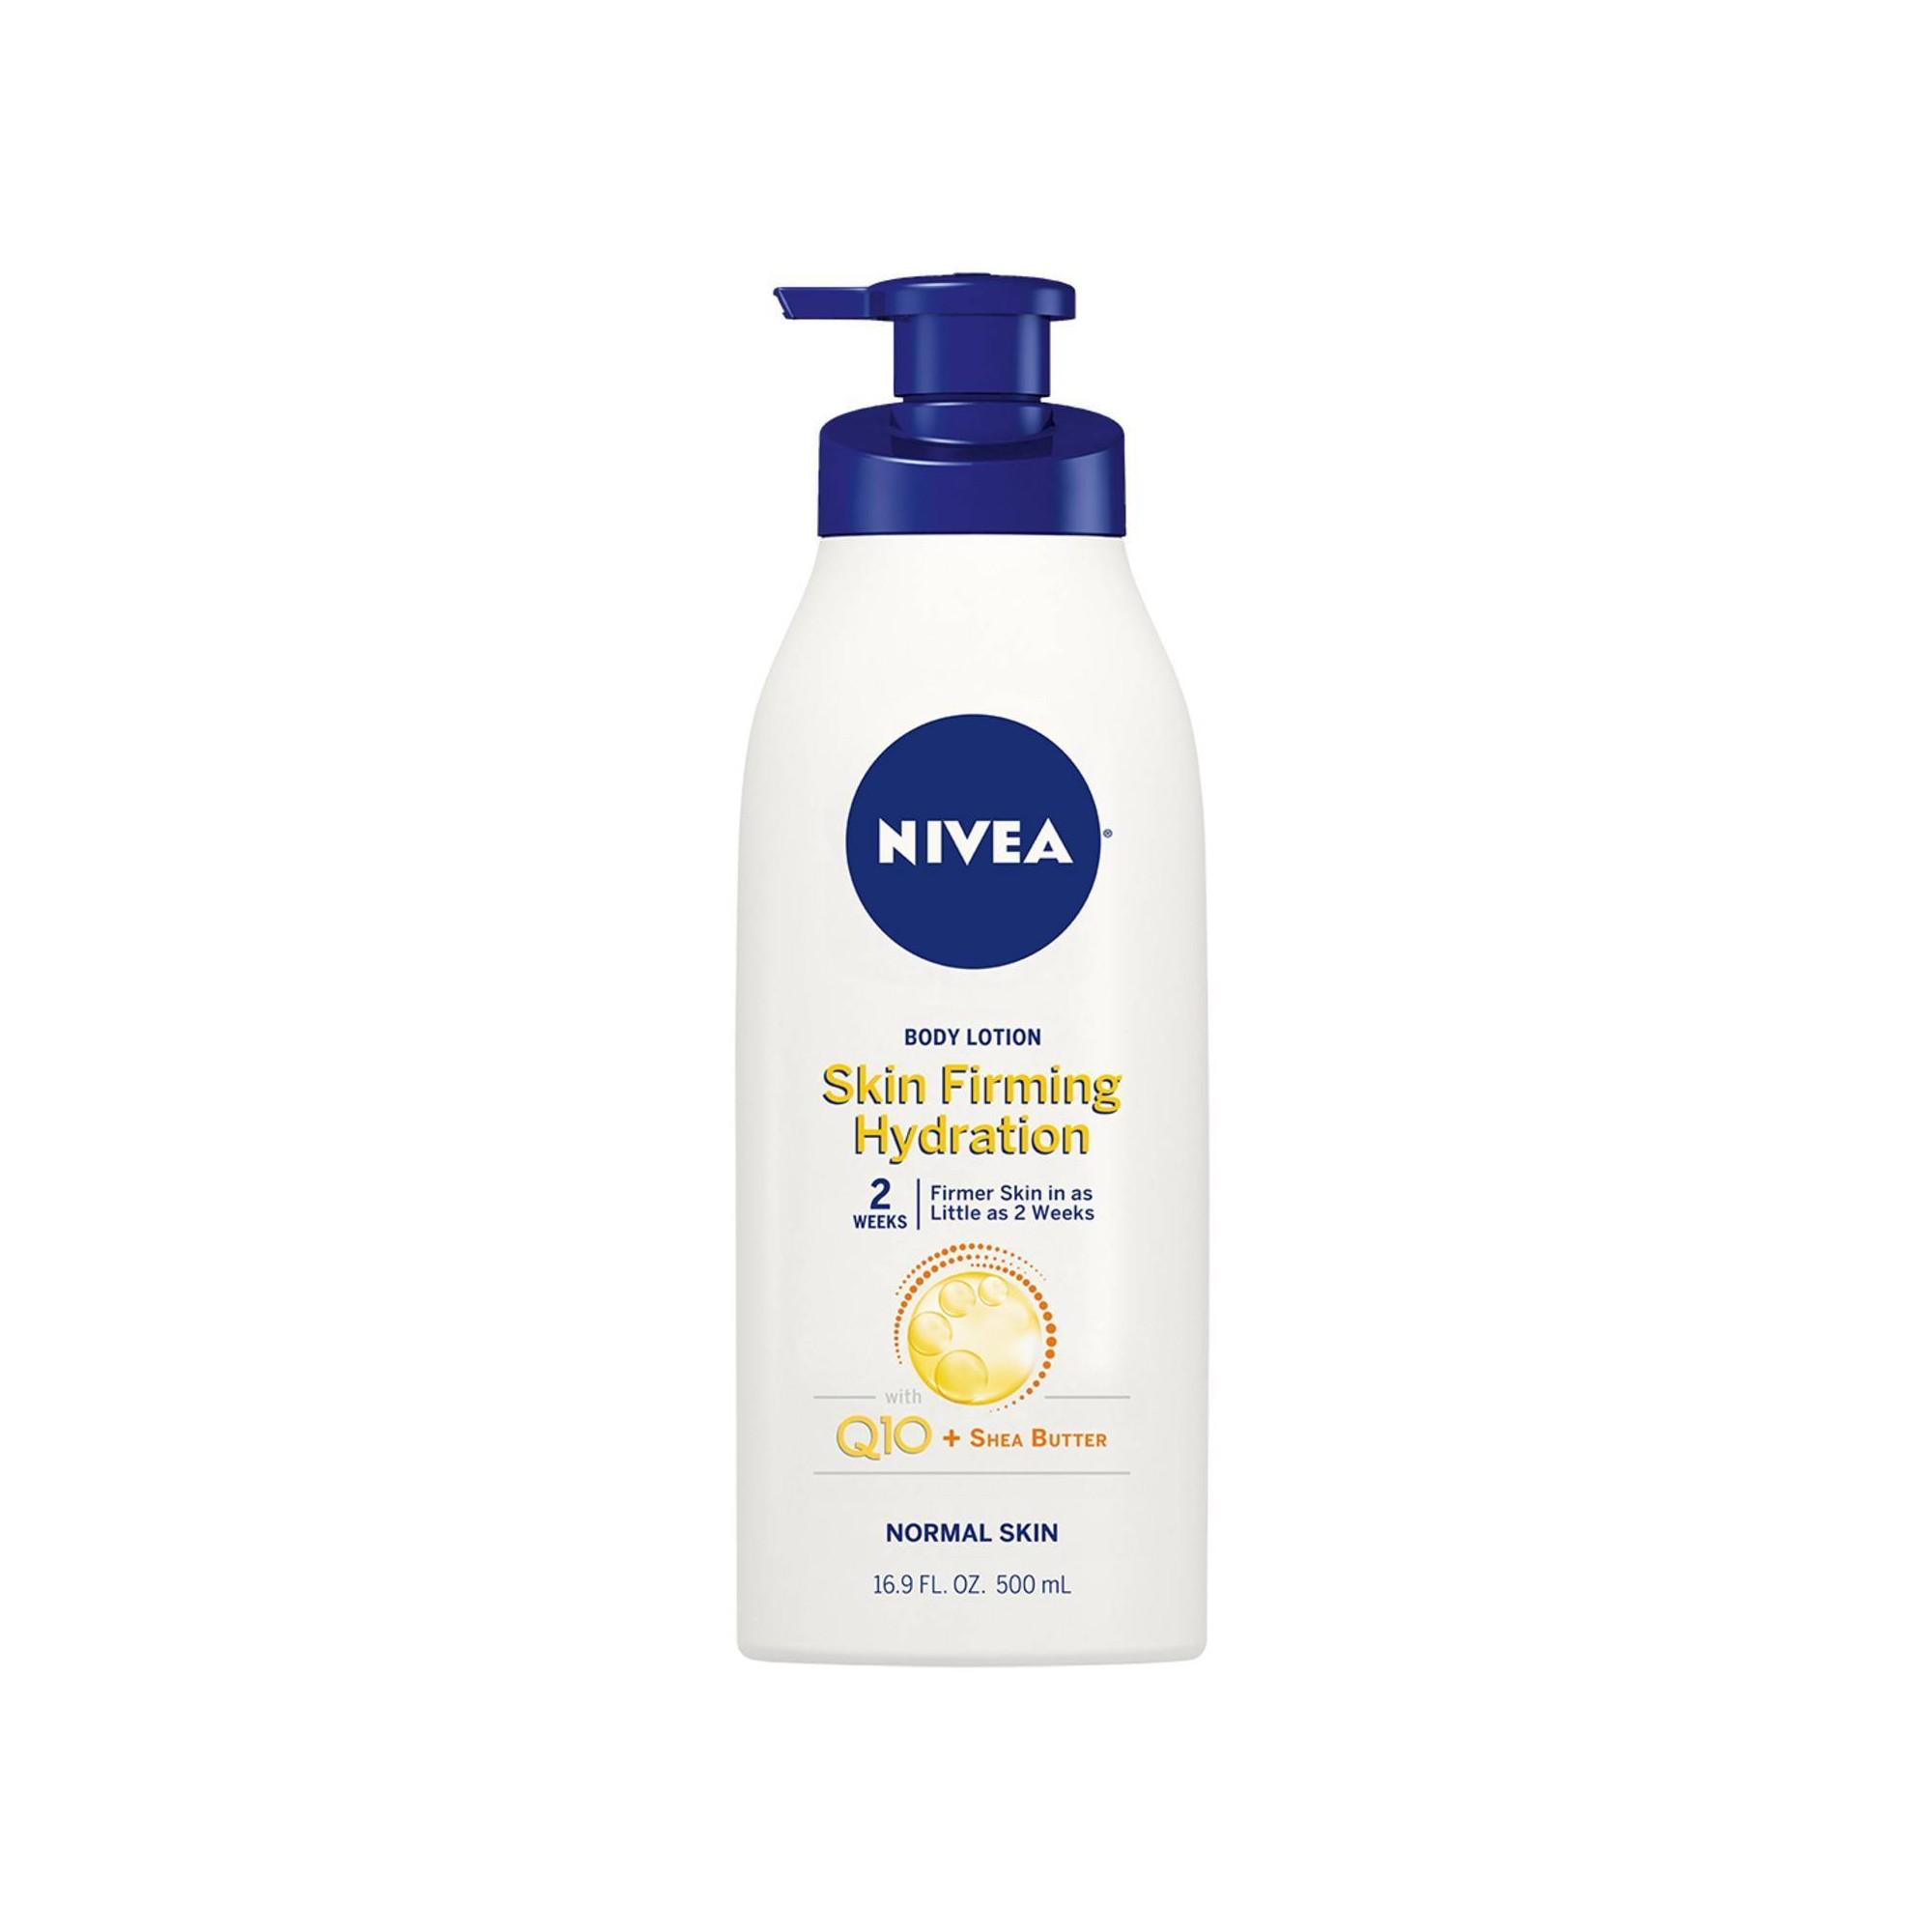 NIVEA Skin Firming Hydration Body Lotion - 16.9oz